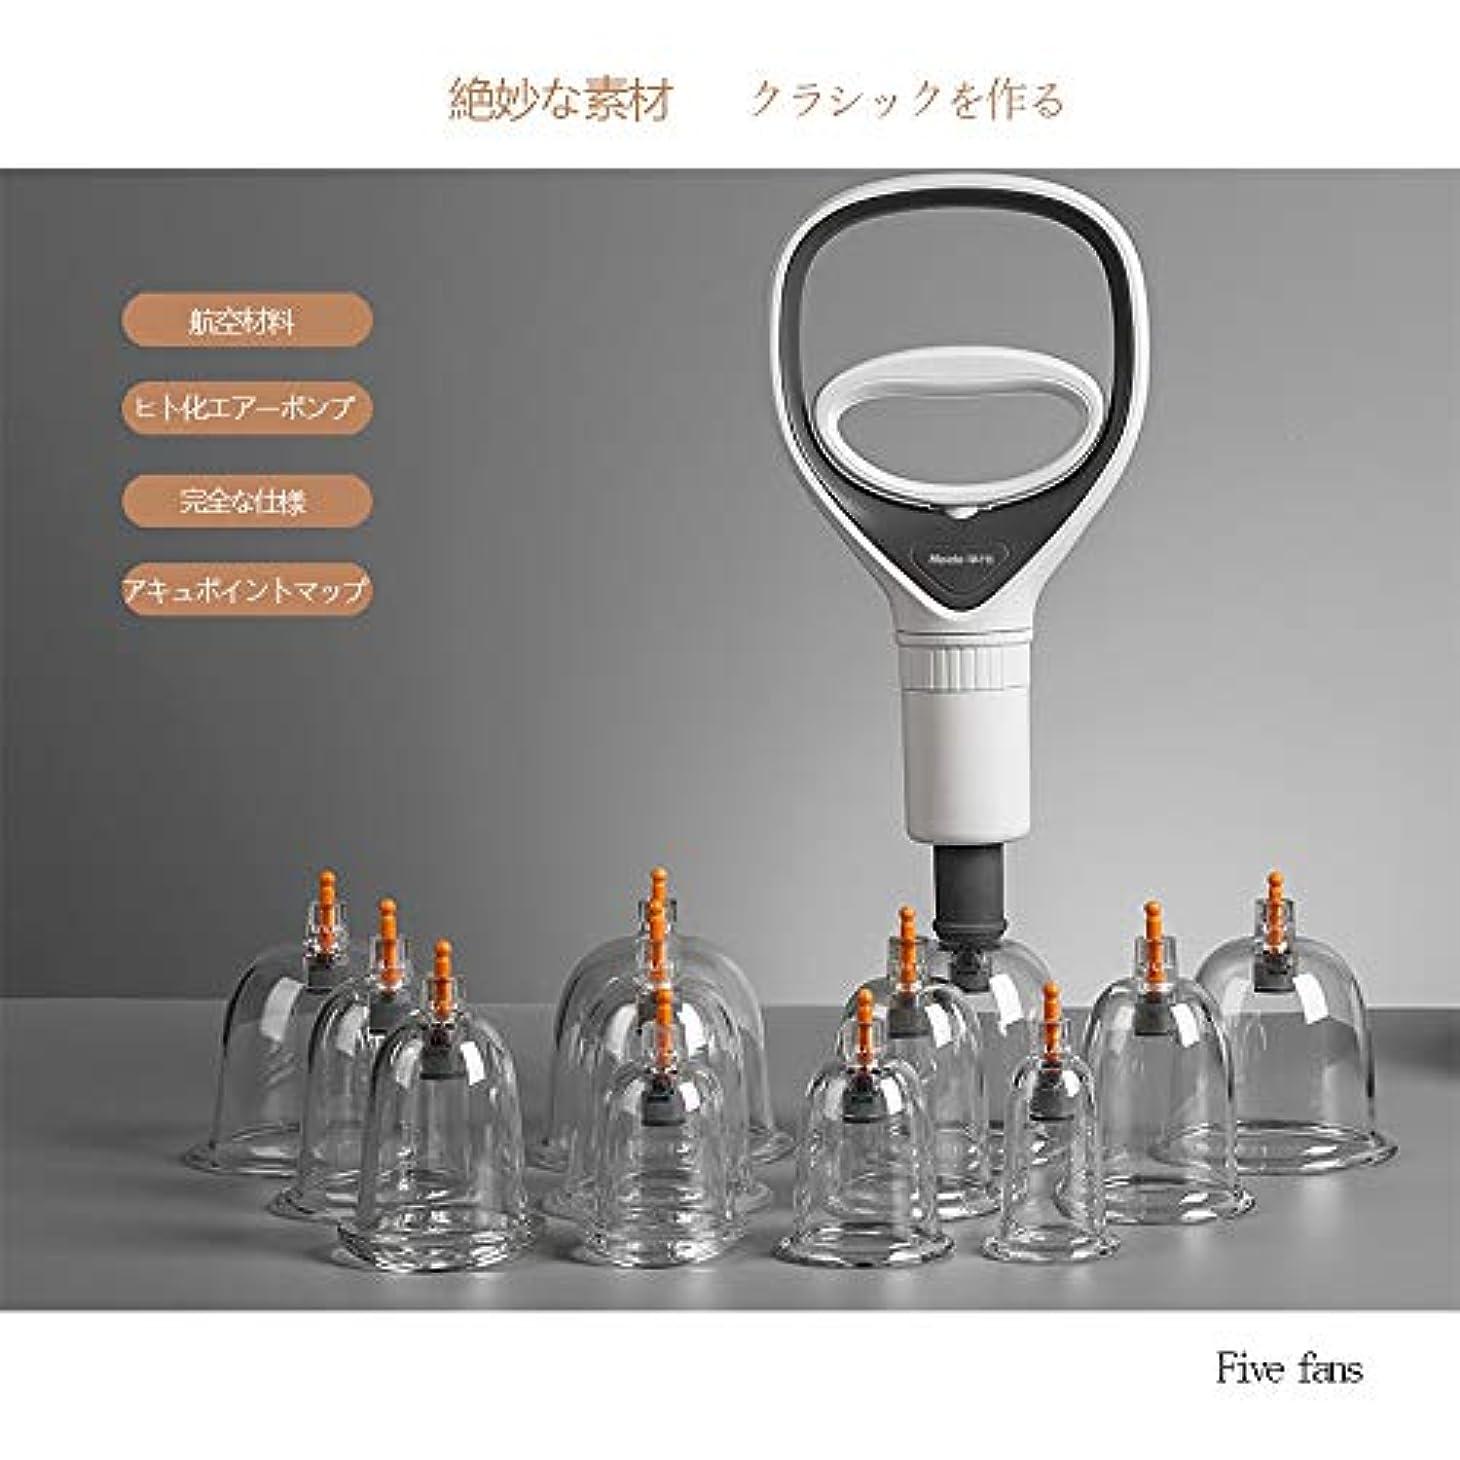 番目倫理番目カッピング 吸い玉 マッサージカップ 磁気 ポンプ付きカッピングセット 疲労解消 血液の循環を刺激 各部位対応8種類 12個セット(ギフトボックス付き)